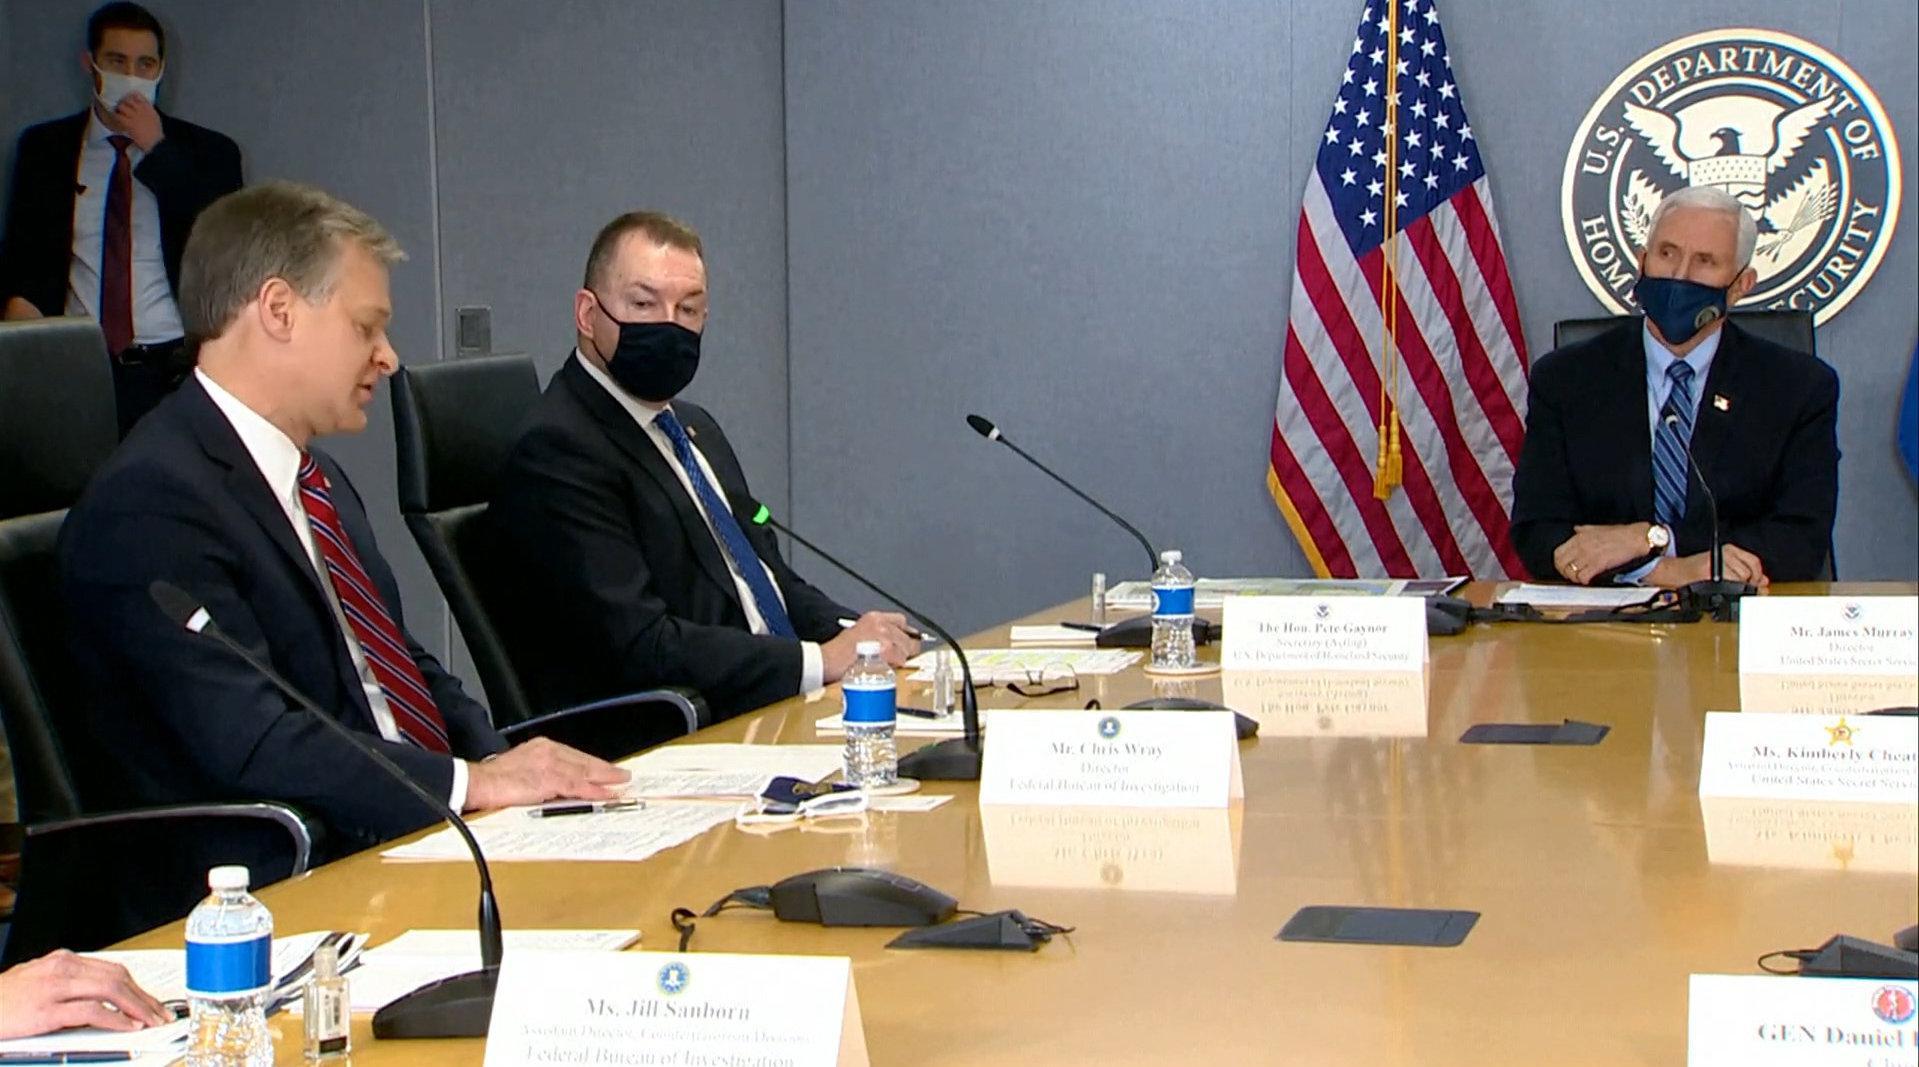 彭斯和FBI会议对话公开 :全美或爆发武装抗议 2万国民警卫确保安全